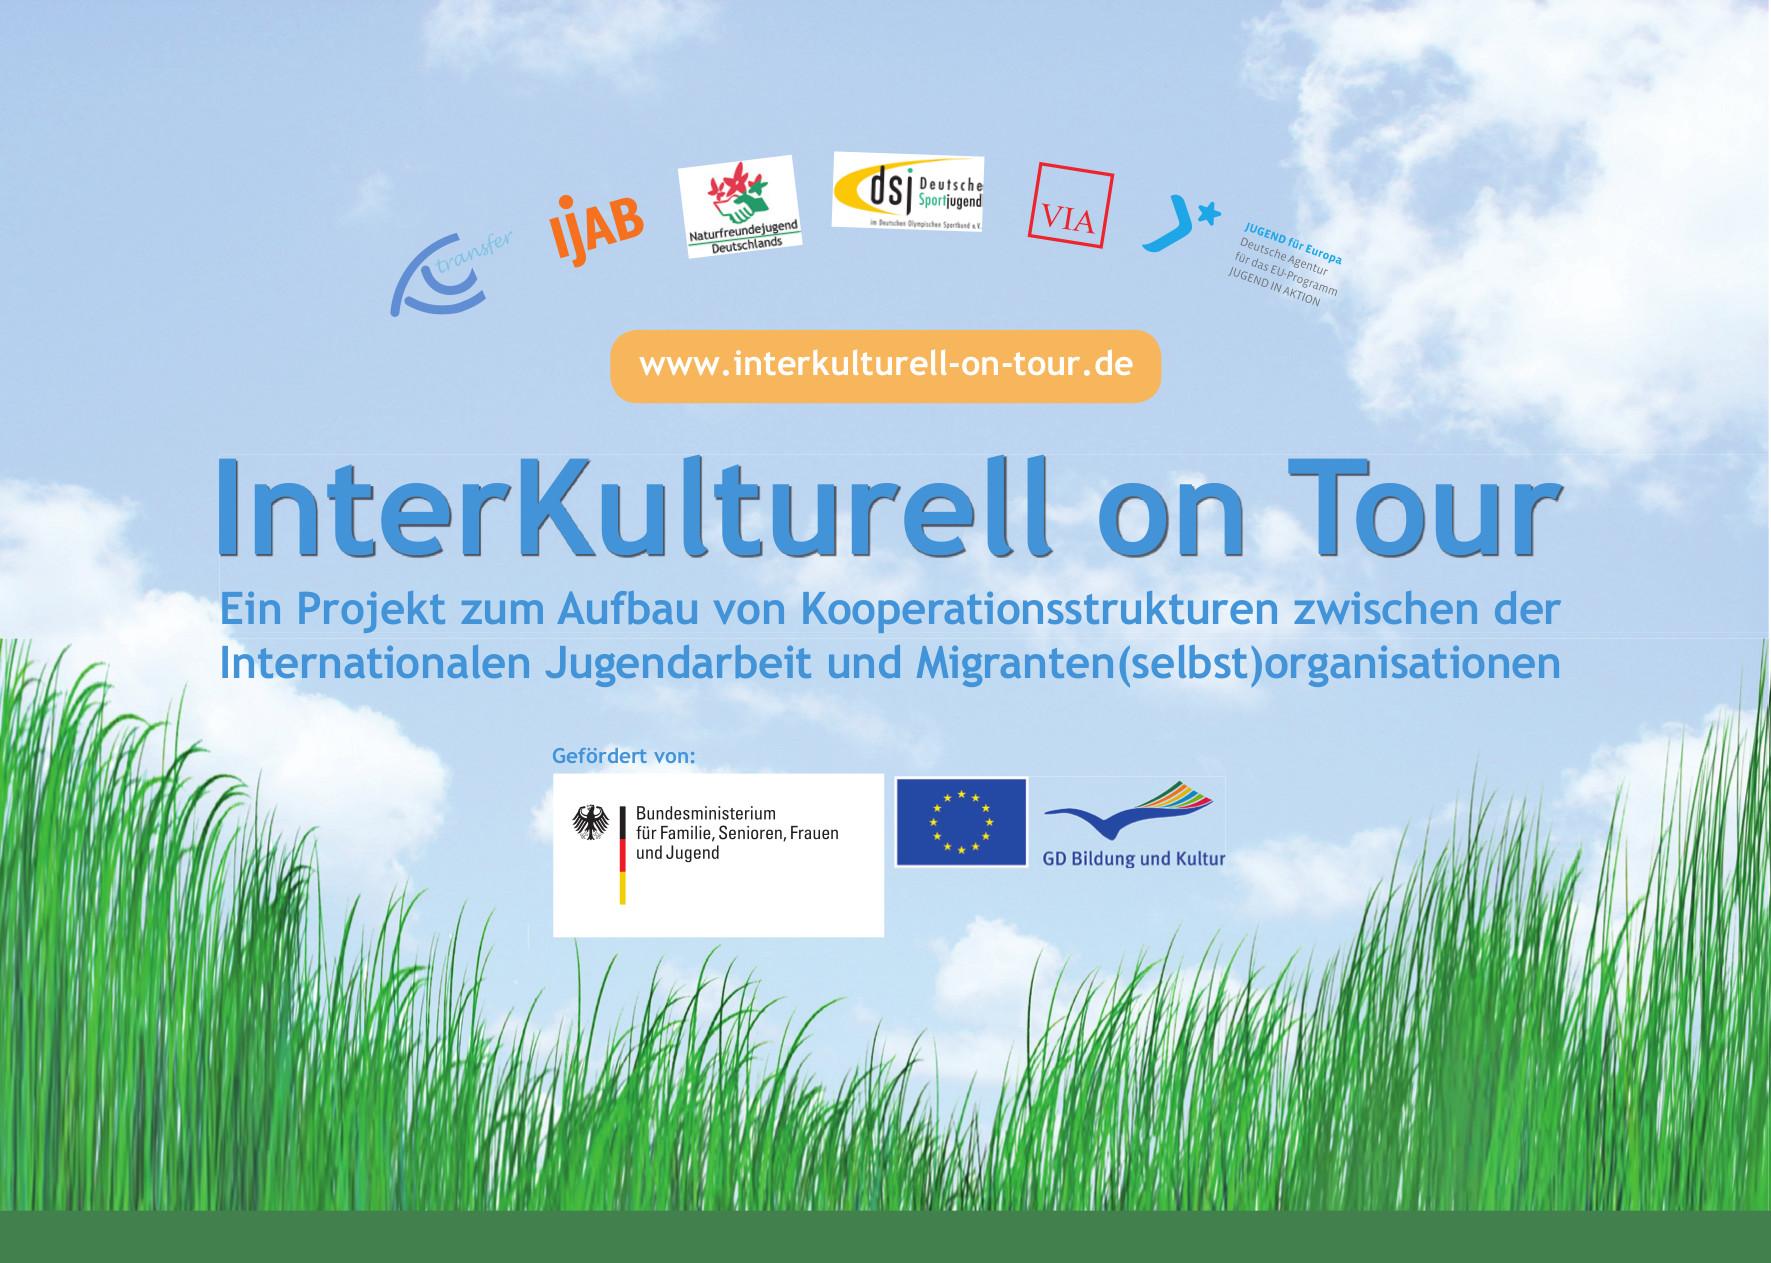 InterKulturell on Tour